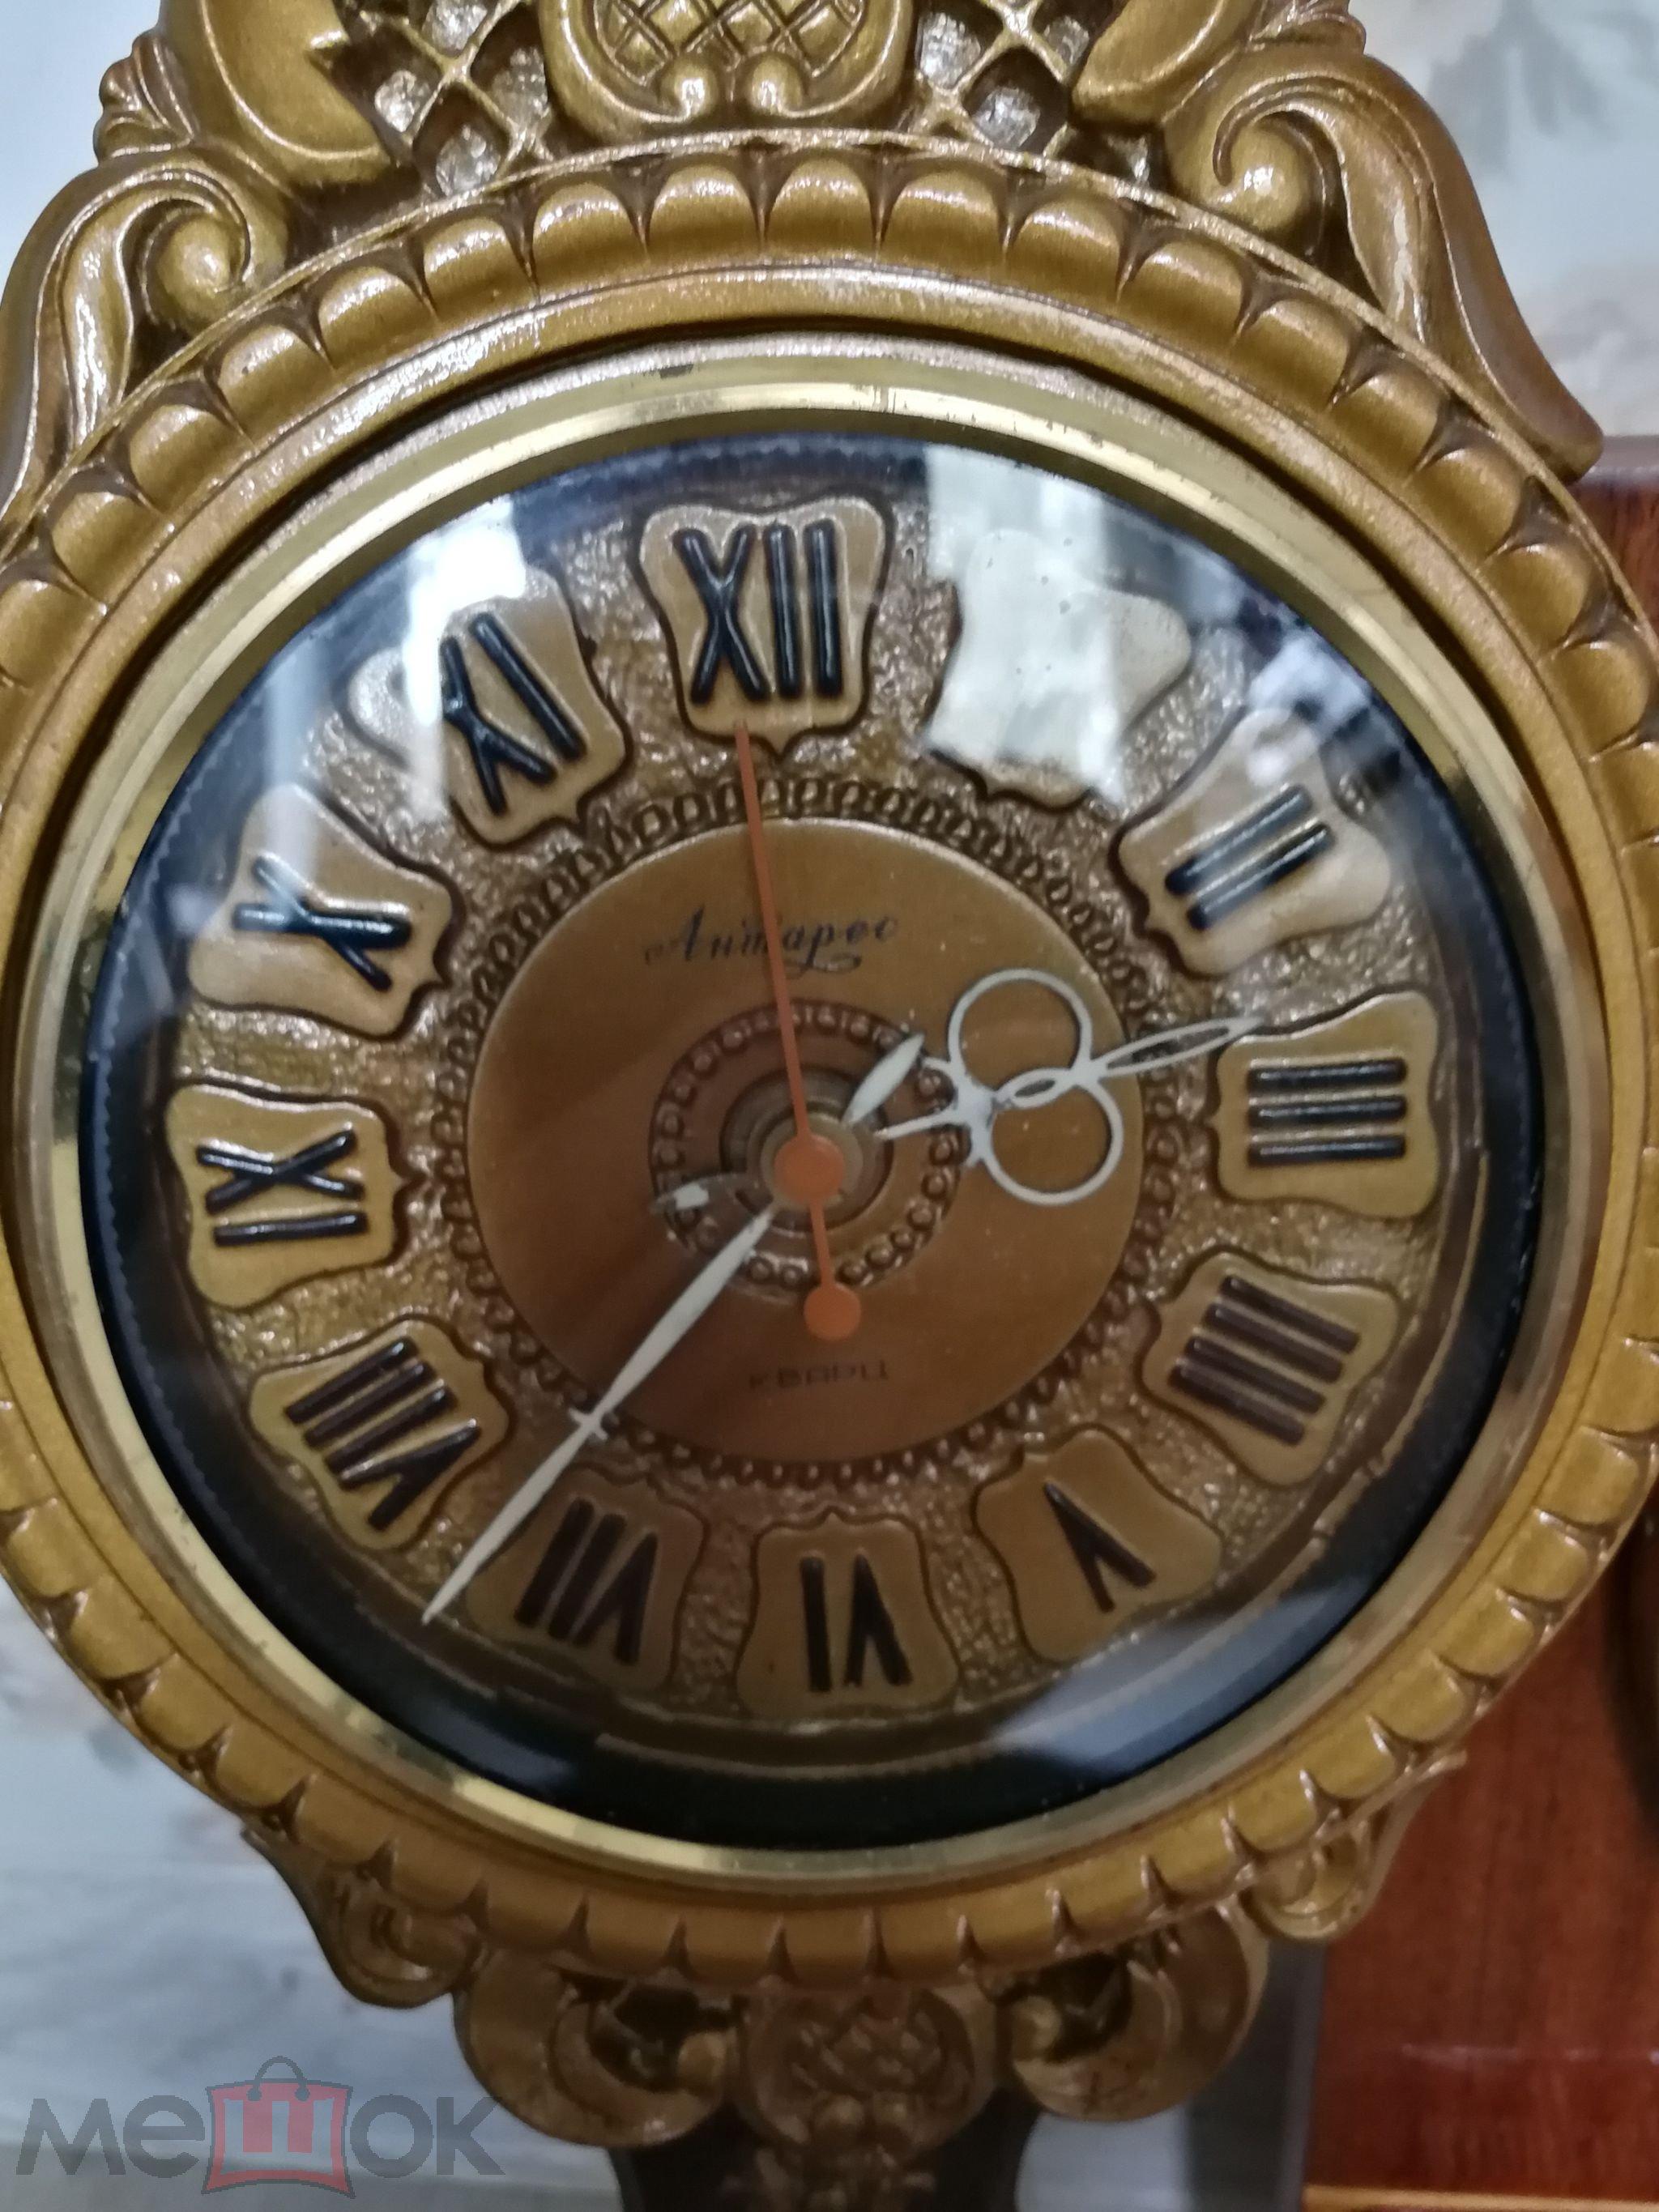 Появились хронометры разнообразных вариантов декорирования, прекрасно сочетающиеся с деталями тогдашнего квартирного быта.